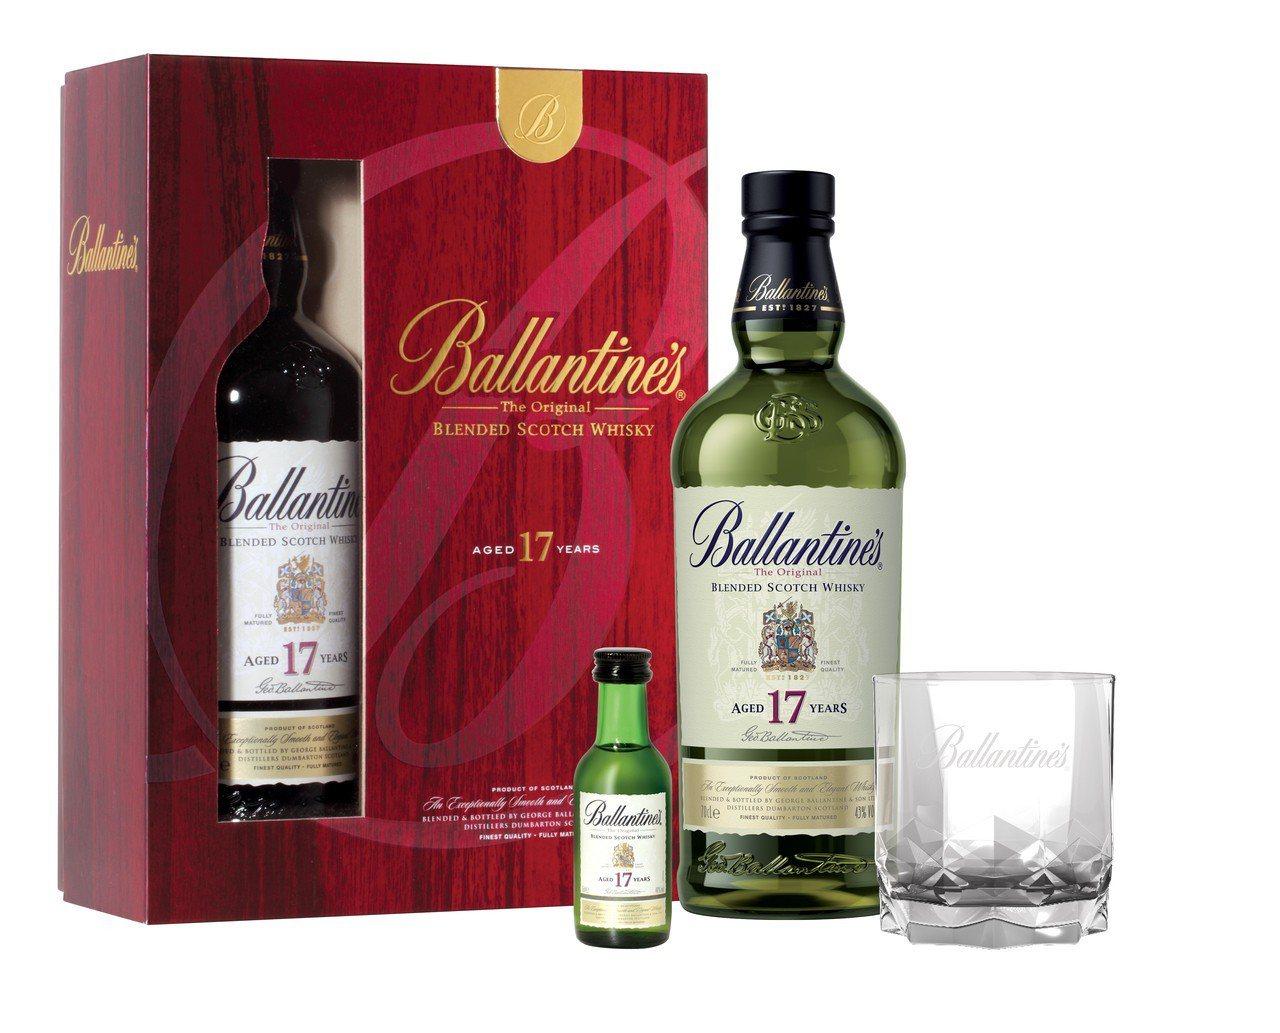 百齡罈17年調和式蘇格蘭威士忌禮盒。圖/保樂力加提供 ※ 提醒您:禁止酒駕...